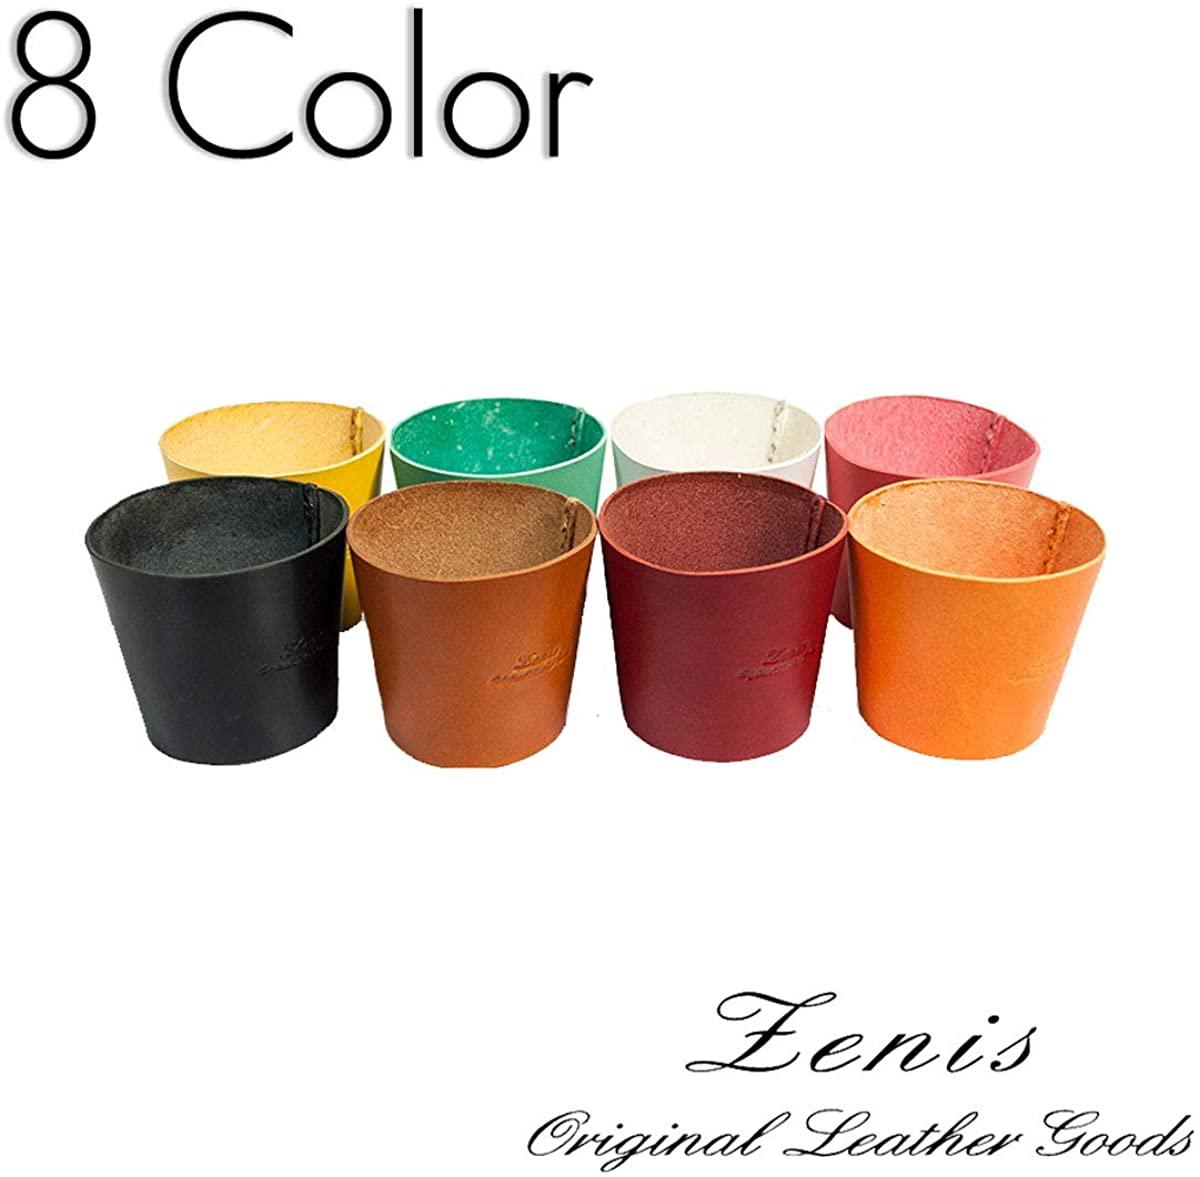 Zenis(ゼニス)ナチュラルレザー カップホルダー B-0127の商品画像2